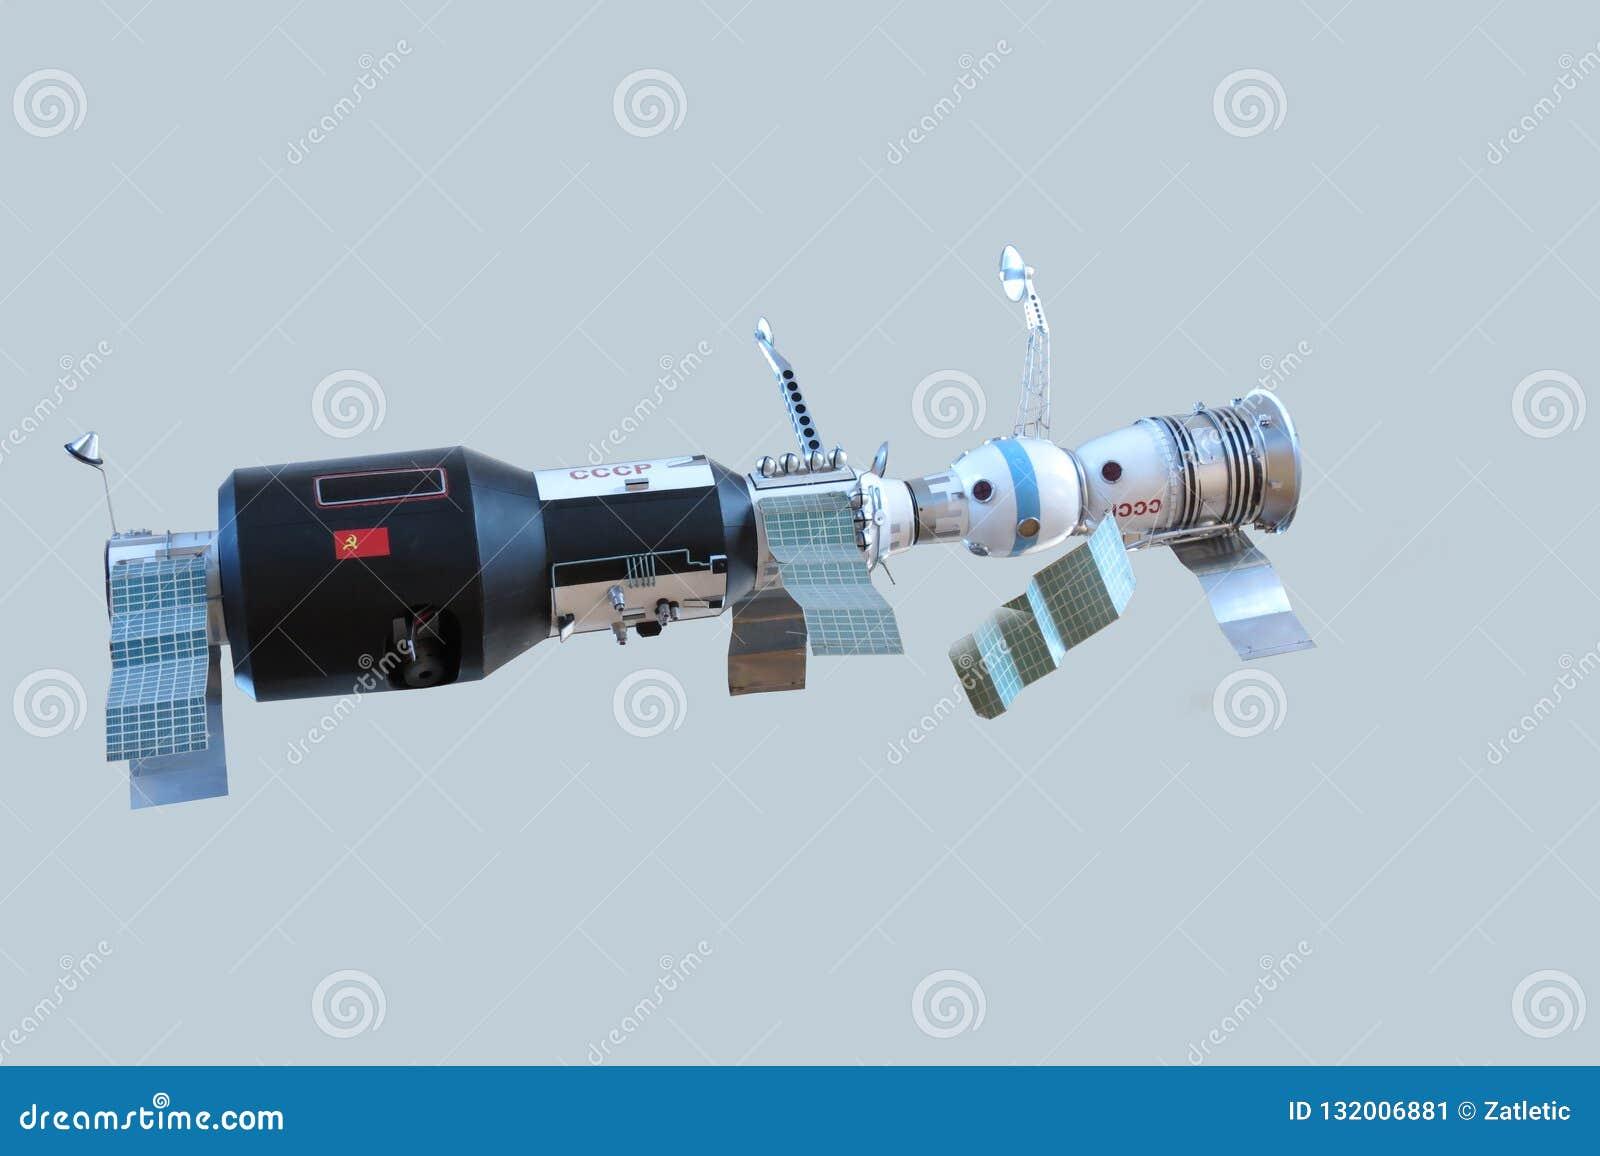 Modèle de la station orbitale soviétique, vaisseau spatial Soyuz